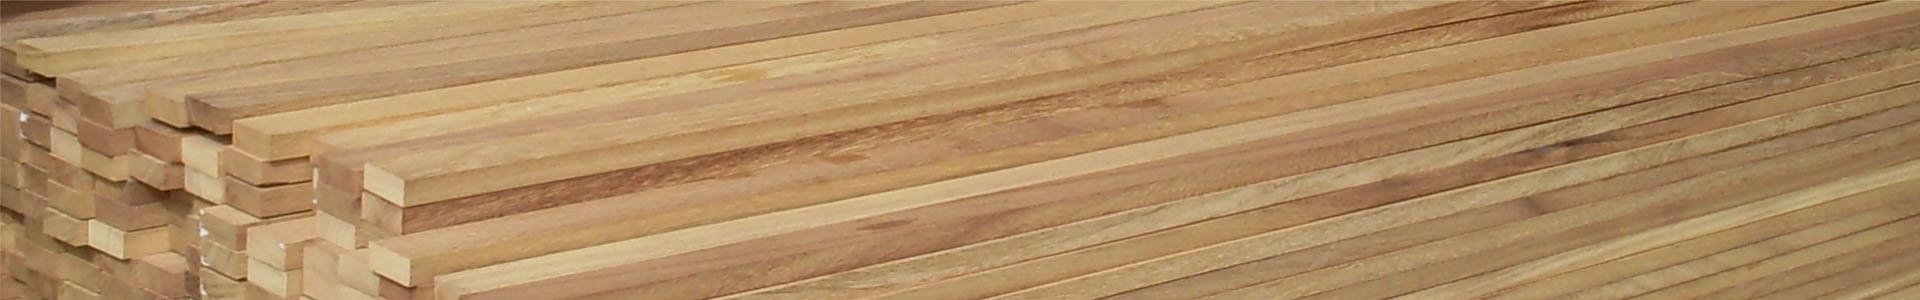 protéger couverts en bois